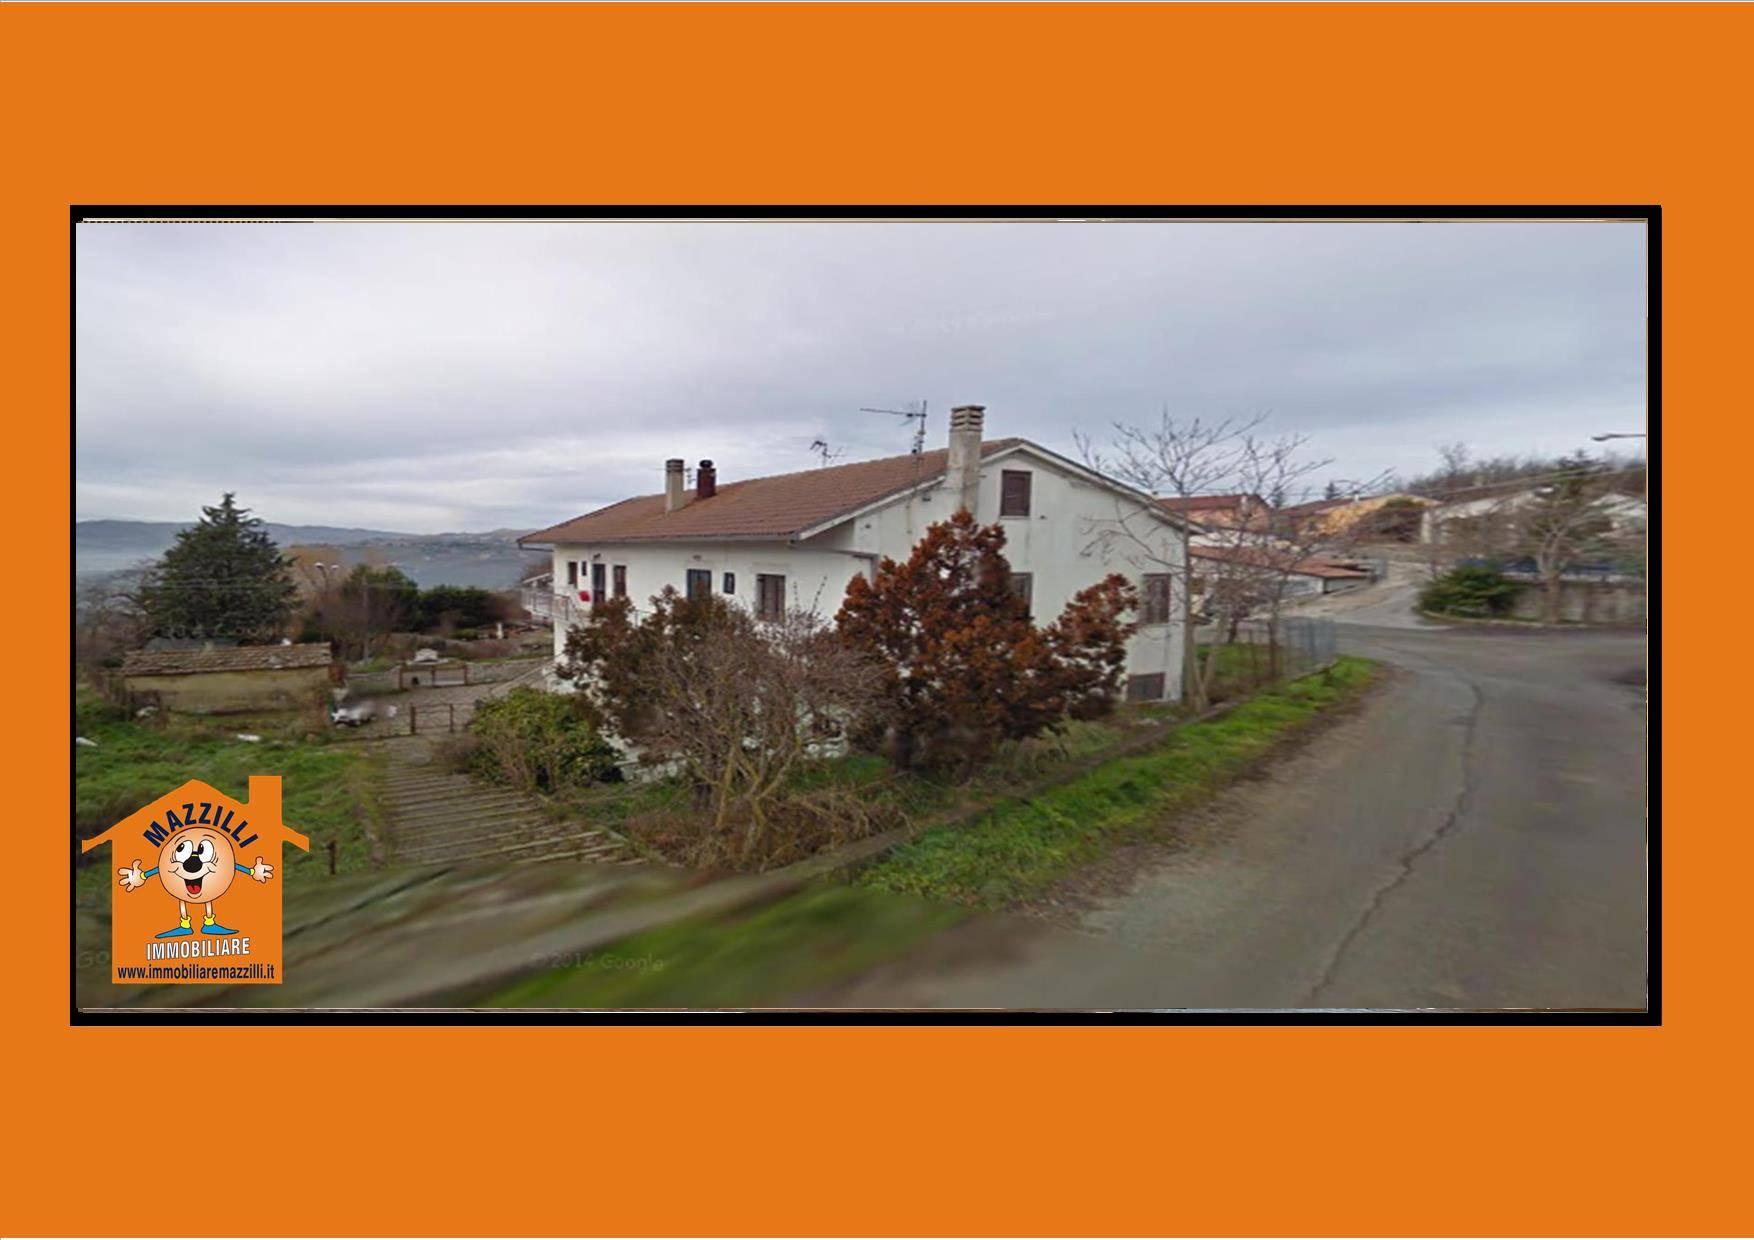 Appartamento in vendita a Potenza, 2 locali, prezzo € 34.000 | PortaleAgenzieImmobiliari.it